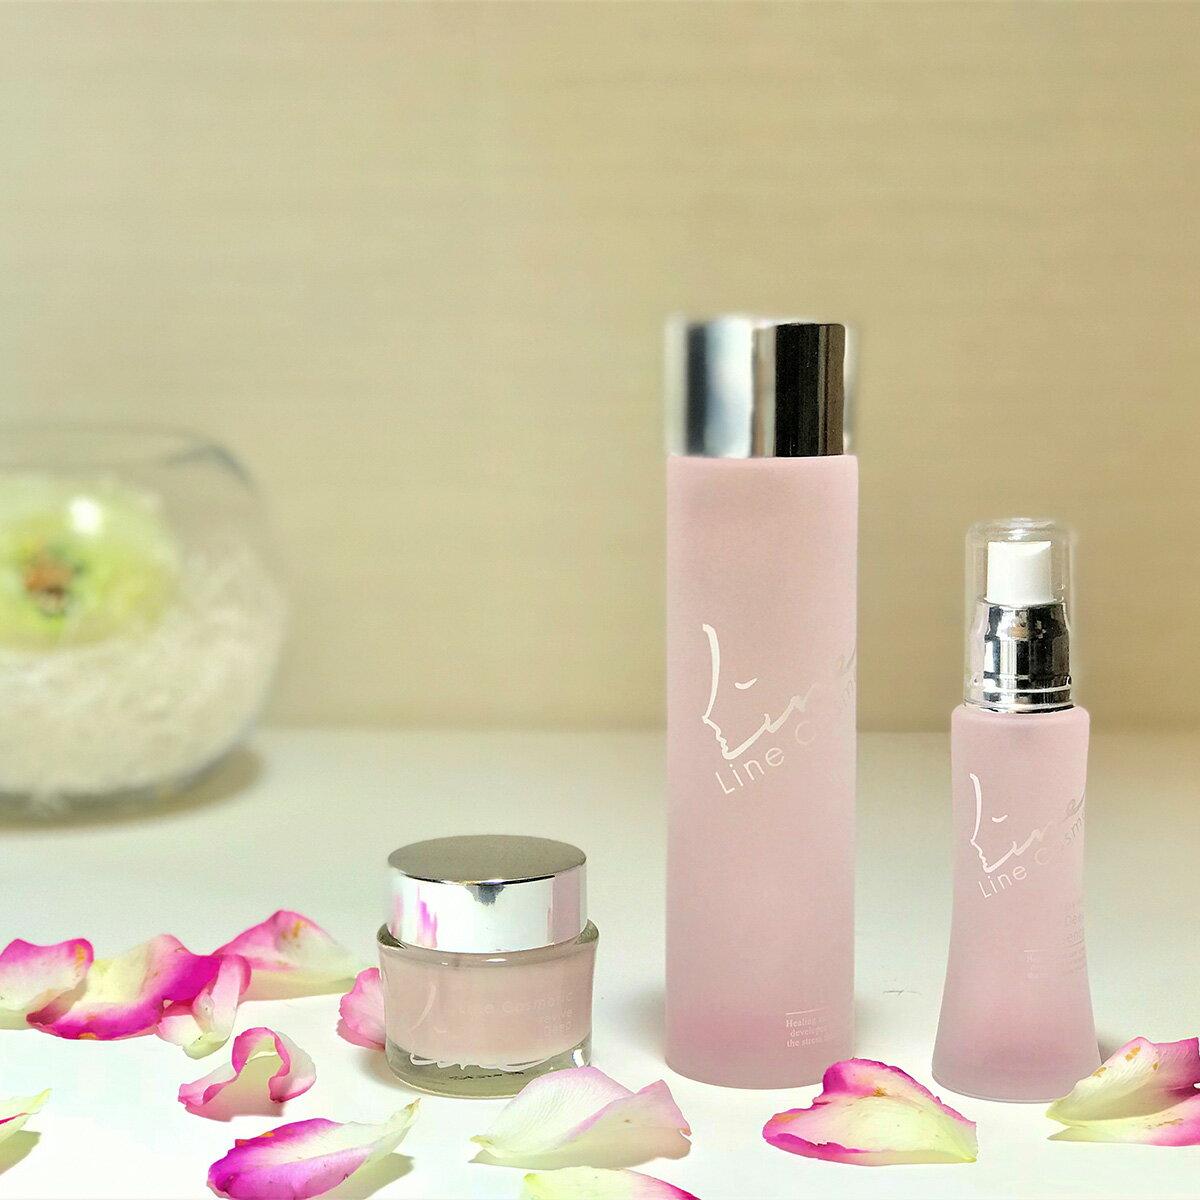 【ふるさと納税】Line Cosmetic化粧品スキンケア3点セット